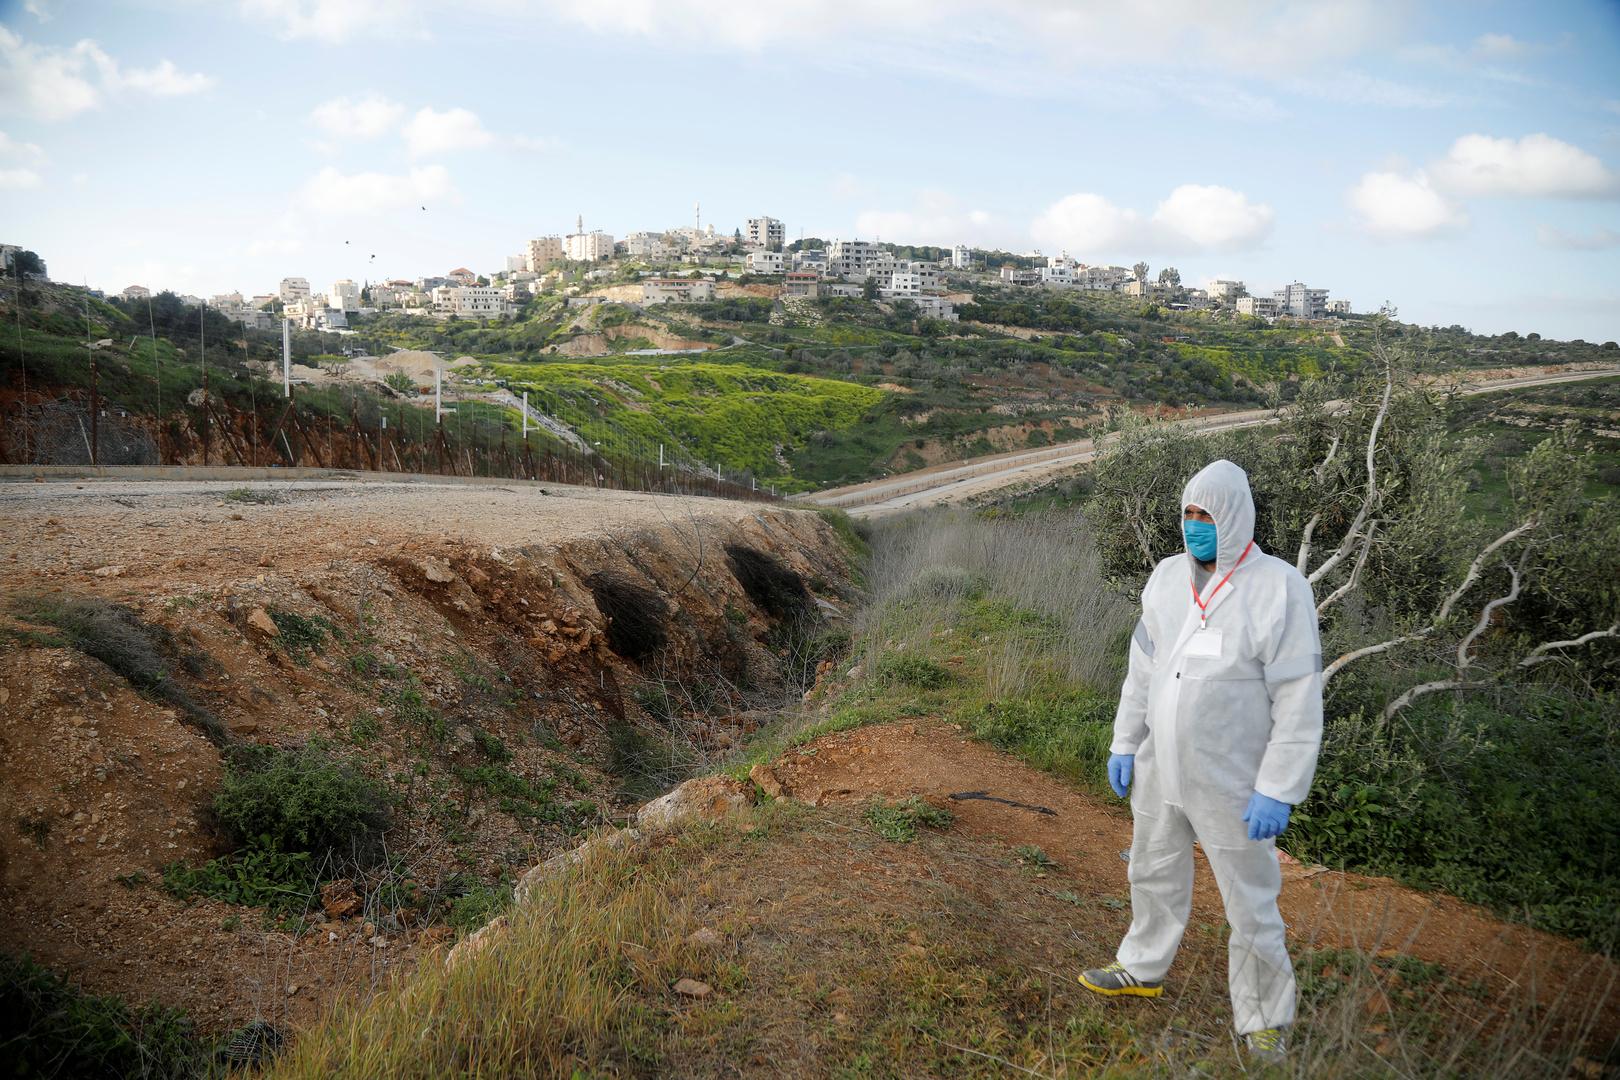 إسرائيل تؤجل حتى إشعار آخر تطعيم العمال الفلسطينيين ضد كورونا